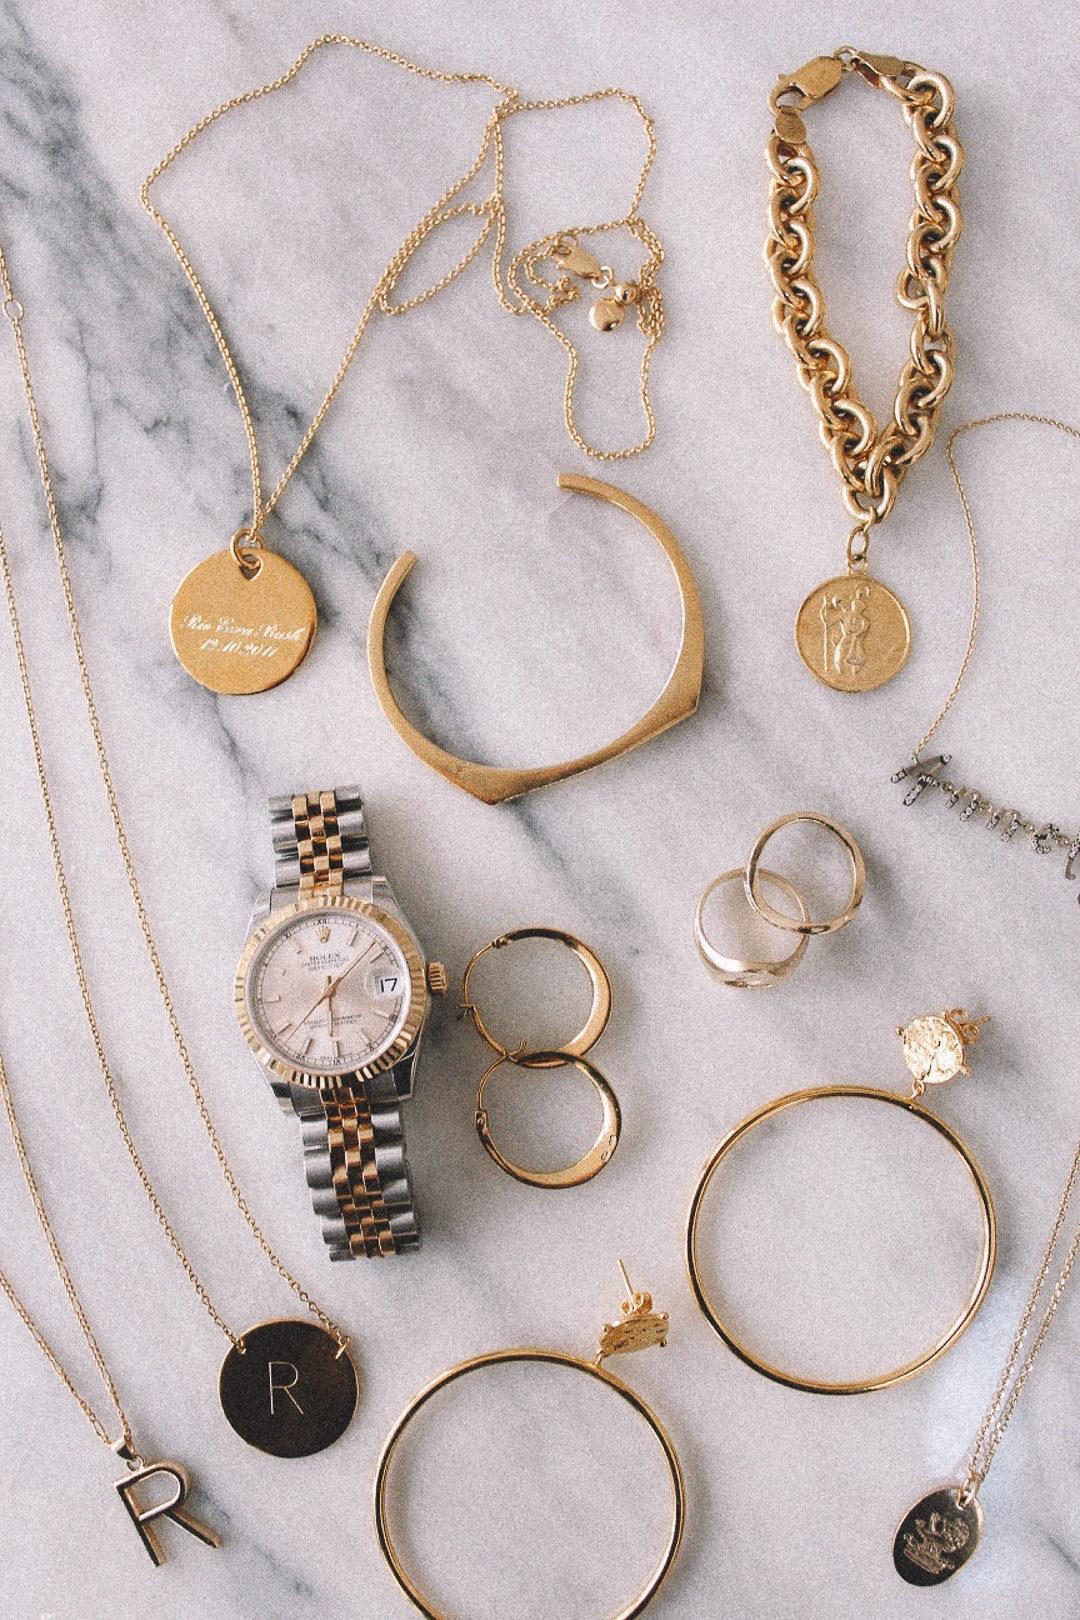 jewellery (8 of 12)